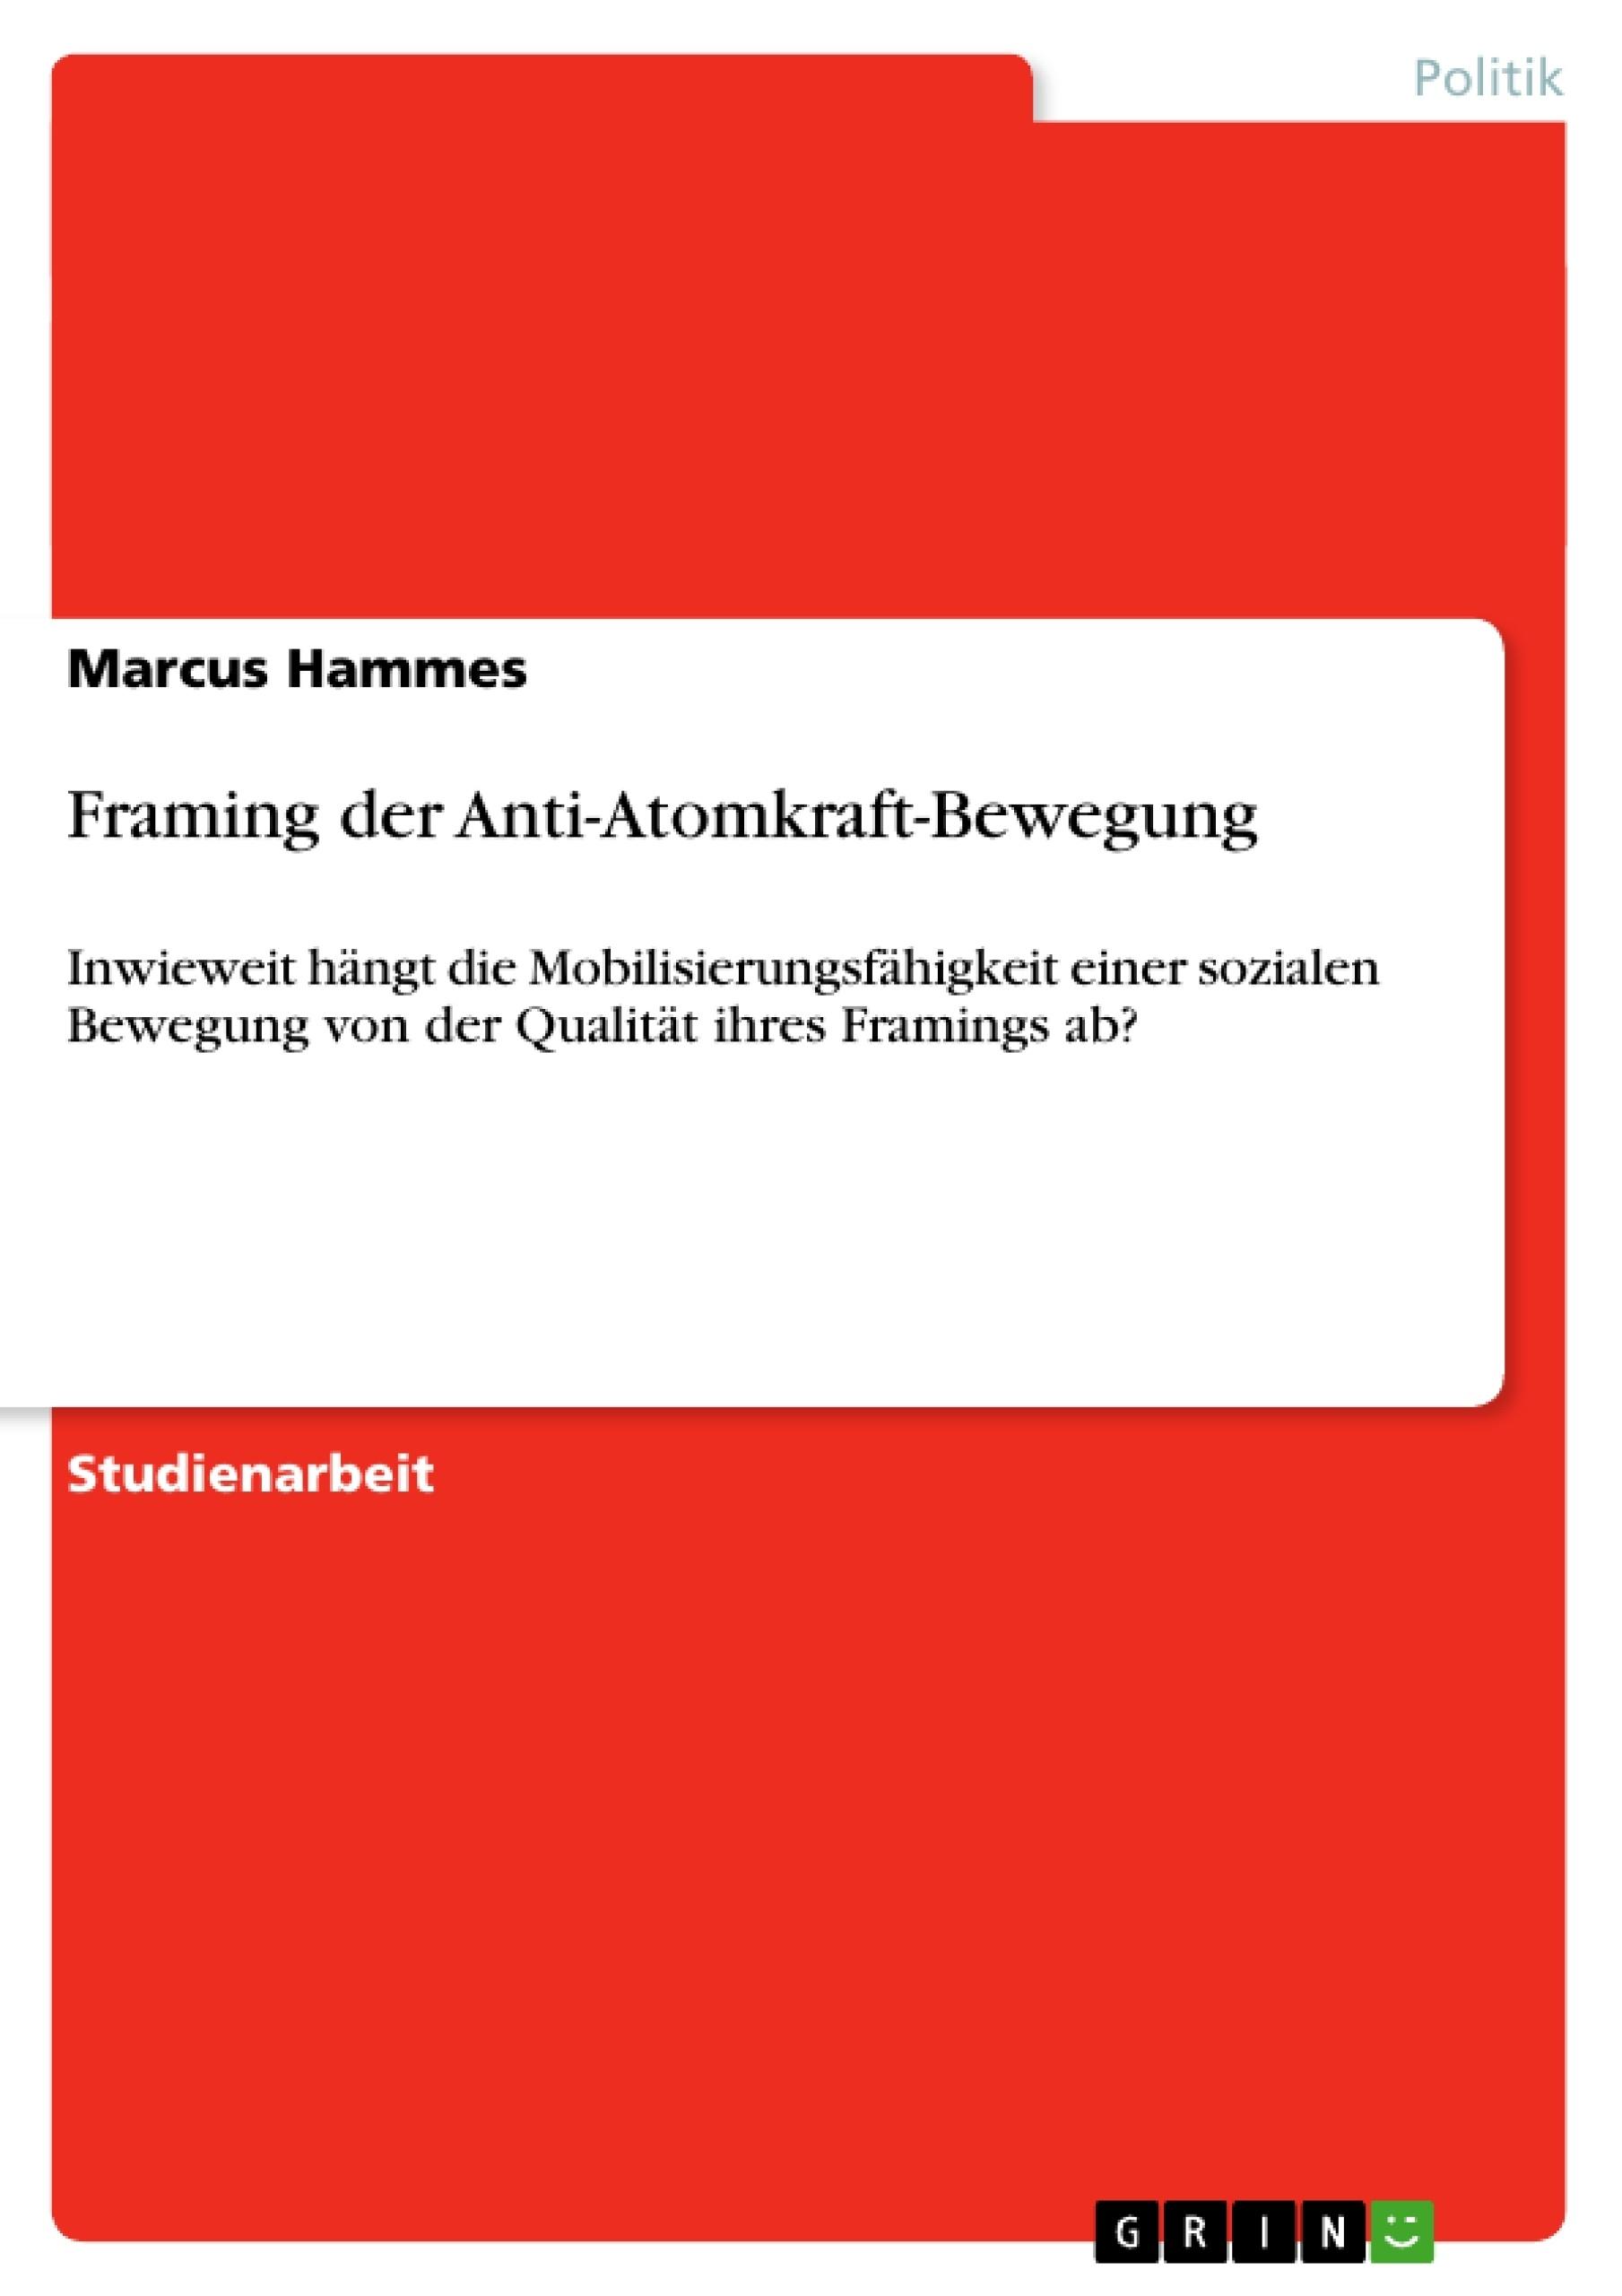 Framing der Anti-Atomkraft-Bewegung | Masterarbeit, Hausarbeit ...